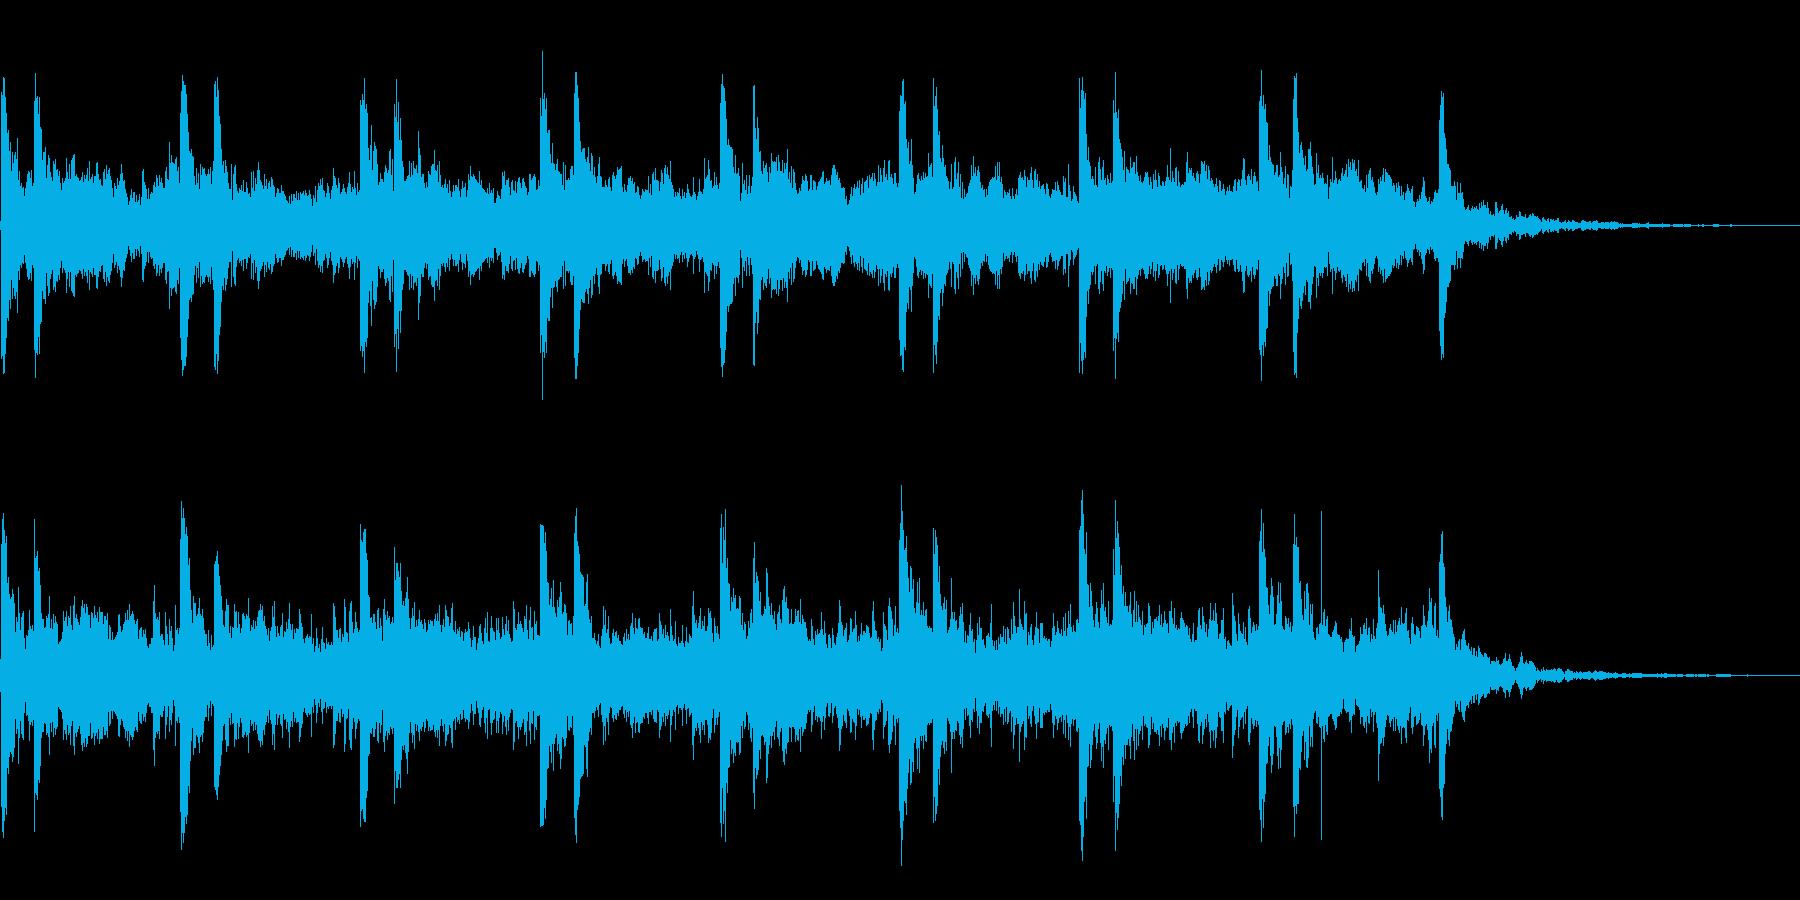 ゲーム、ドキュメンタリー映像等-03の再生済みの波形